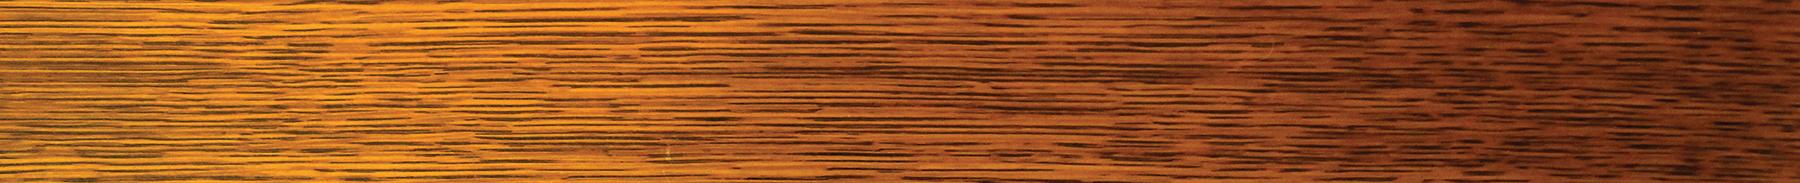 wood_footer.jpg